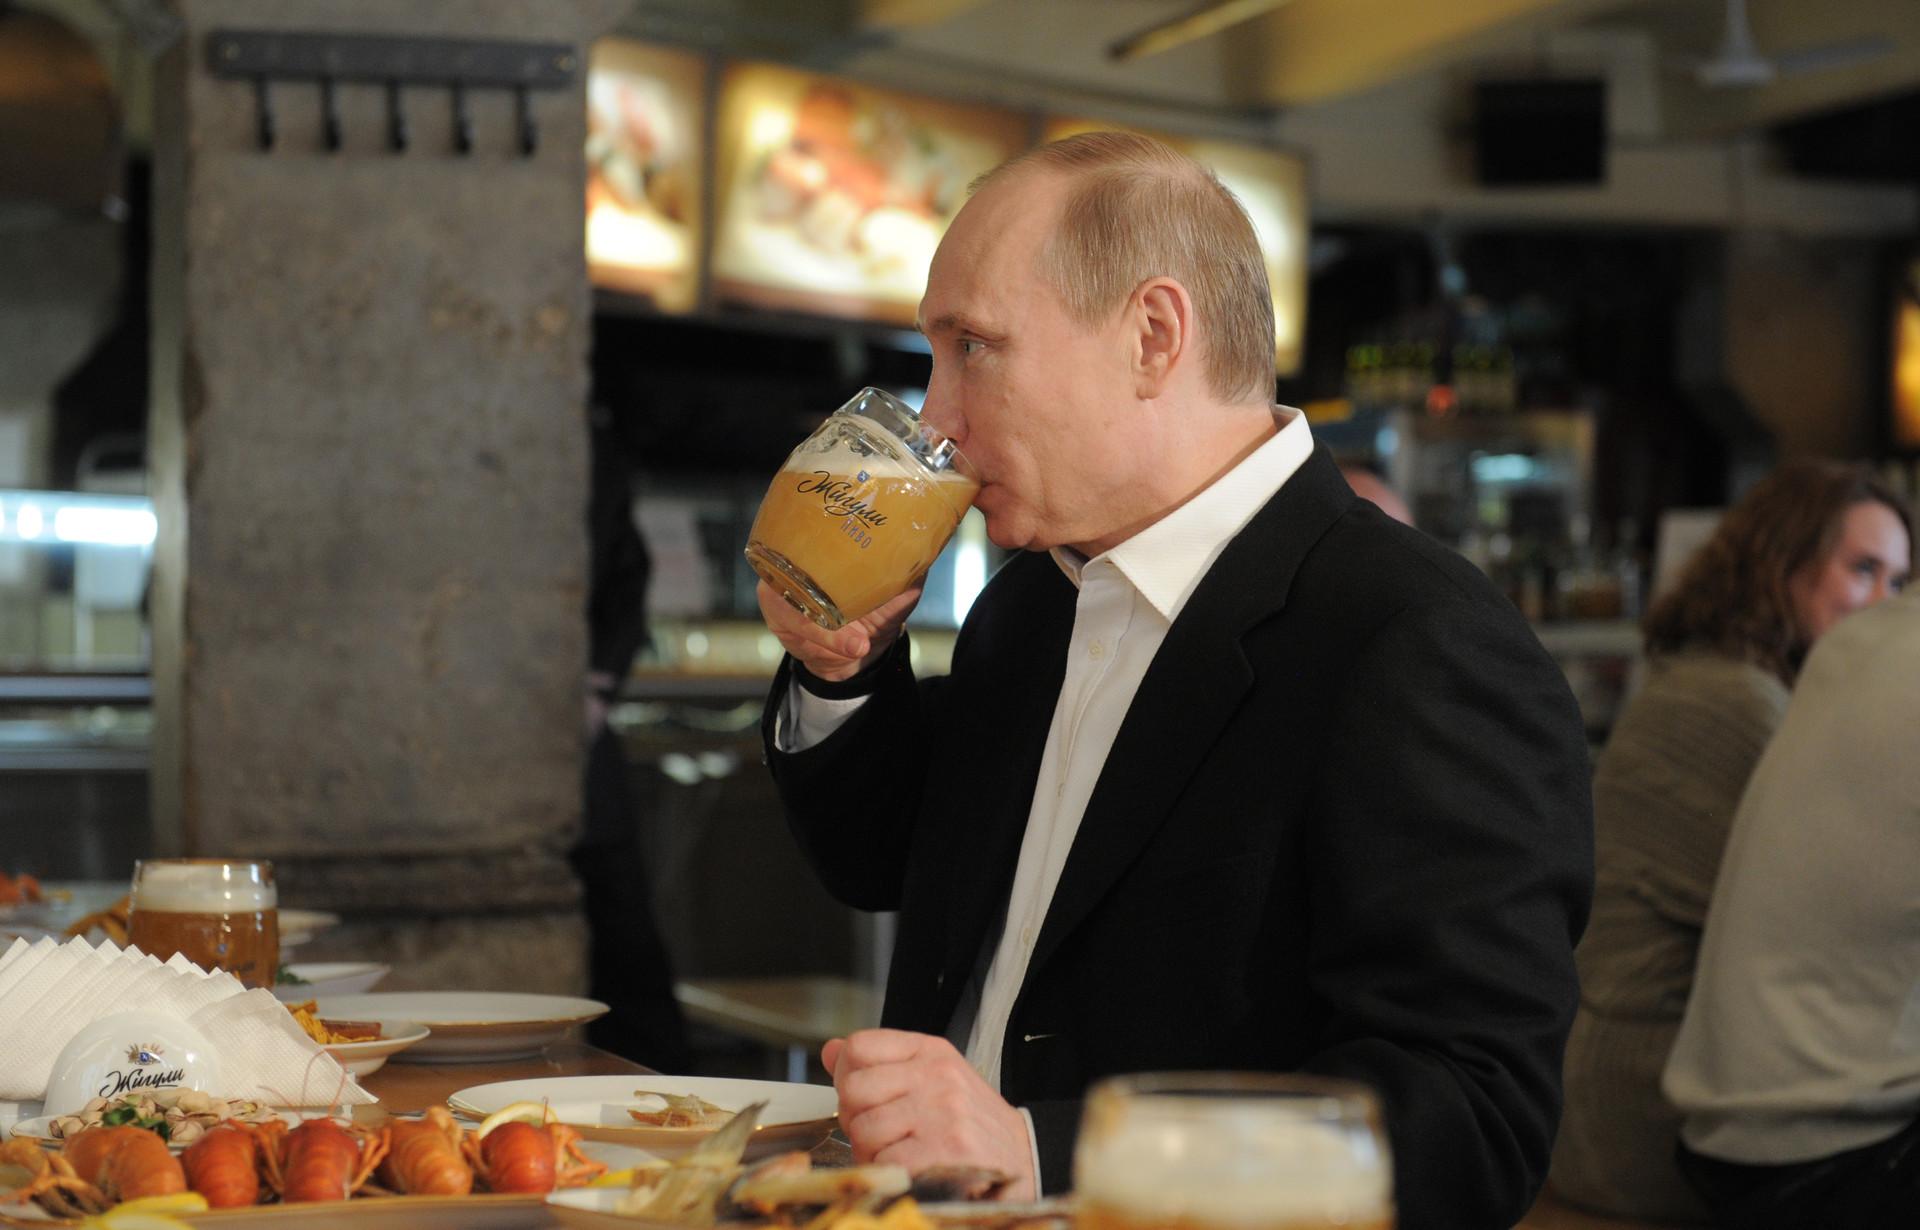 Vladimir Poutine le 1er mai 2012 buvant de la bière au bar Jigouli sur le Nouvel Arbat